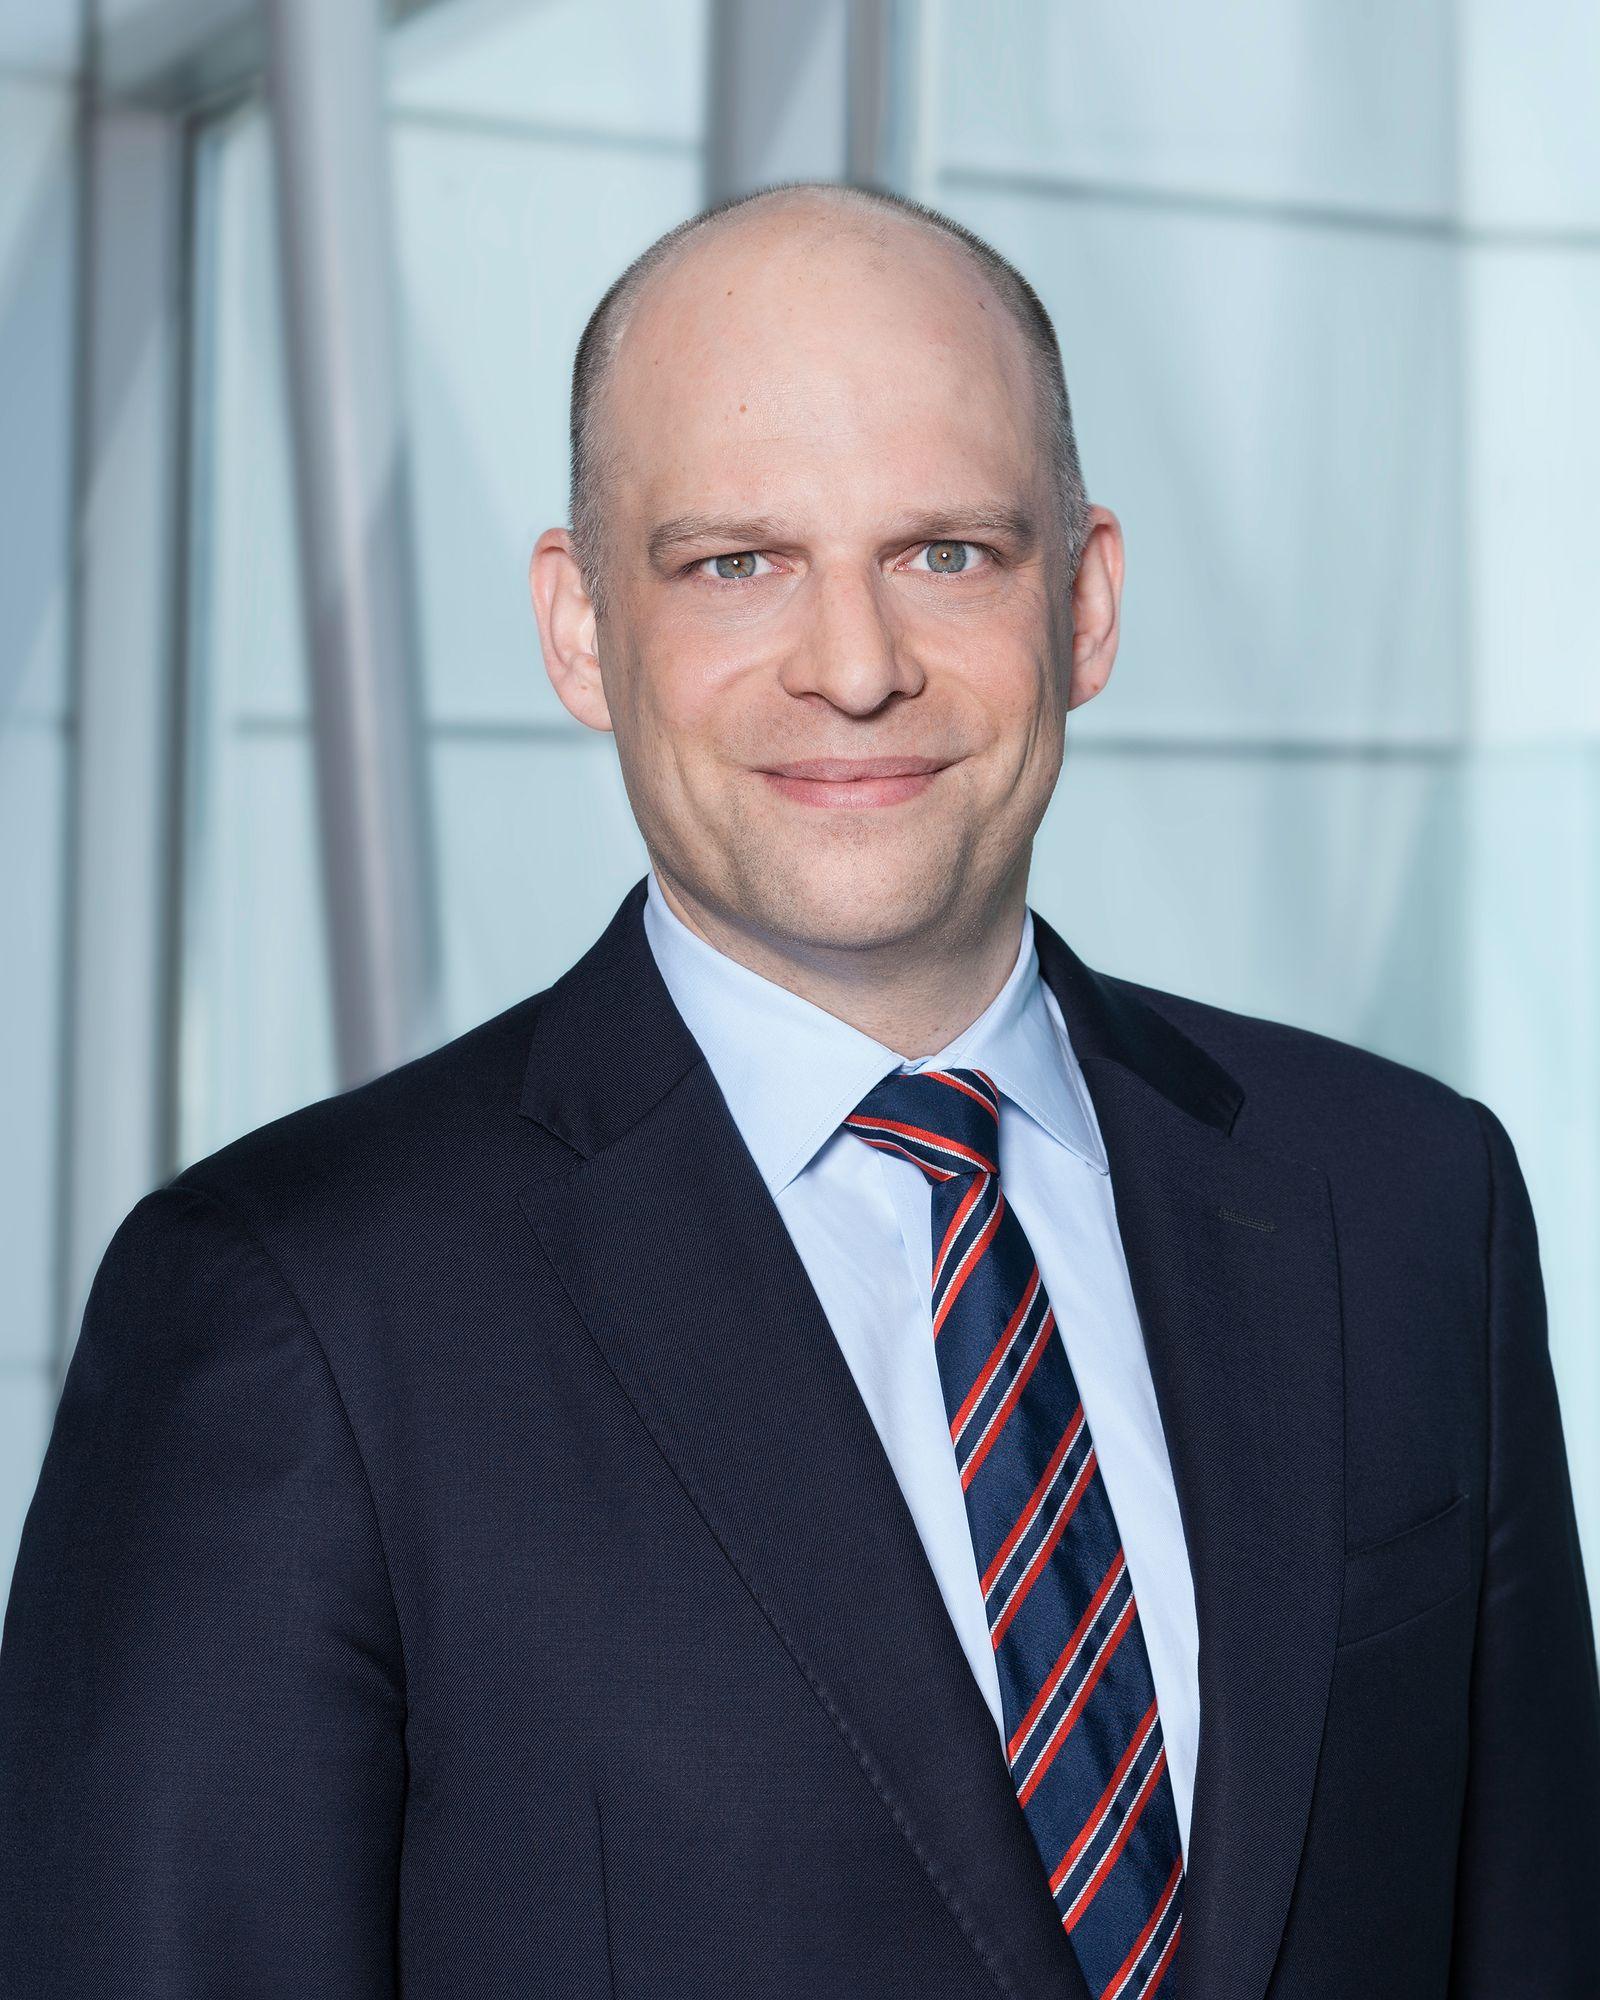 Dr. Marcus J. Chromik